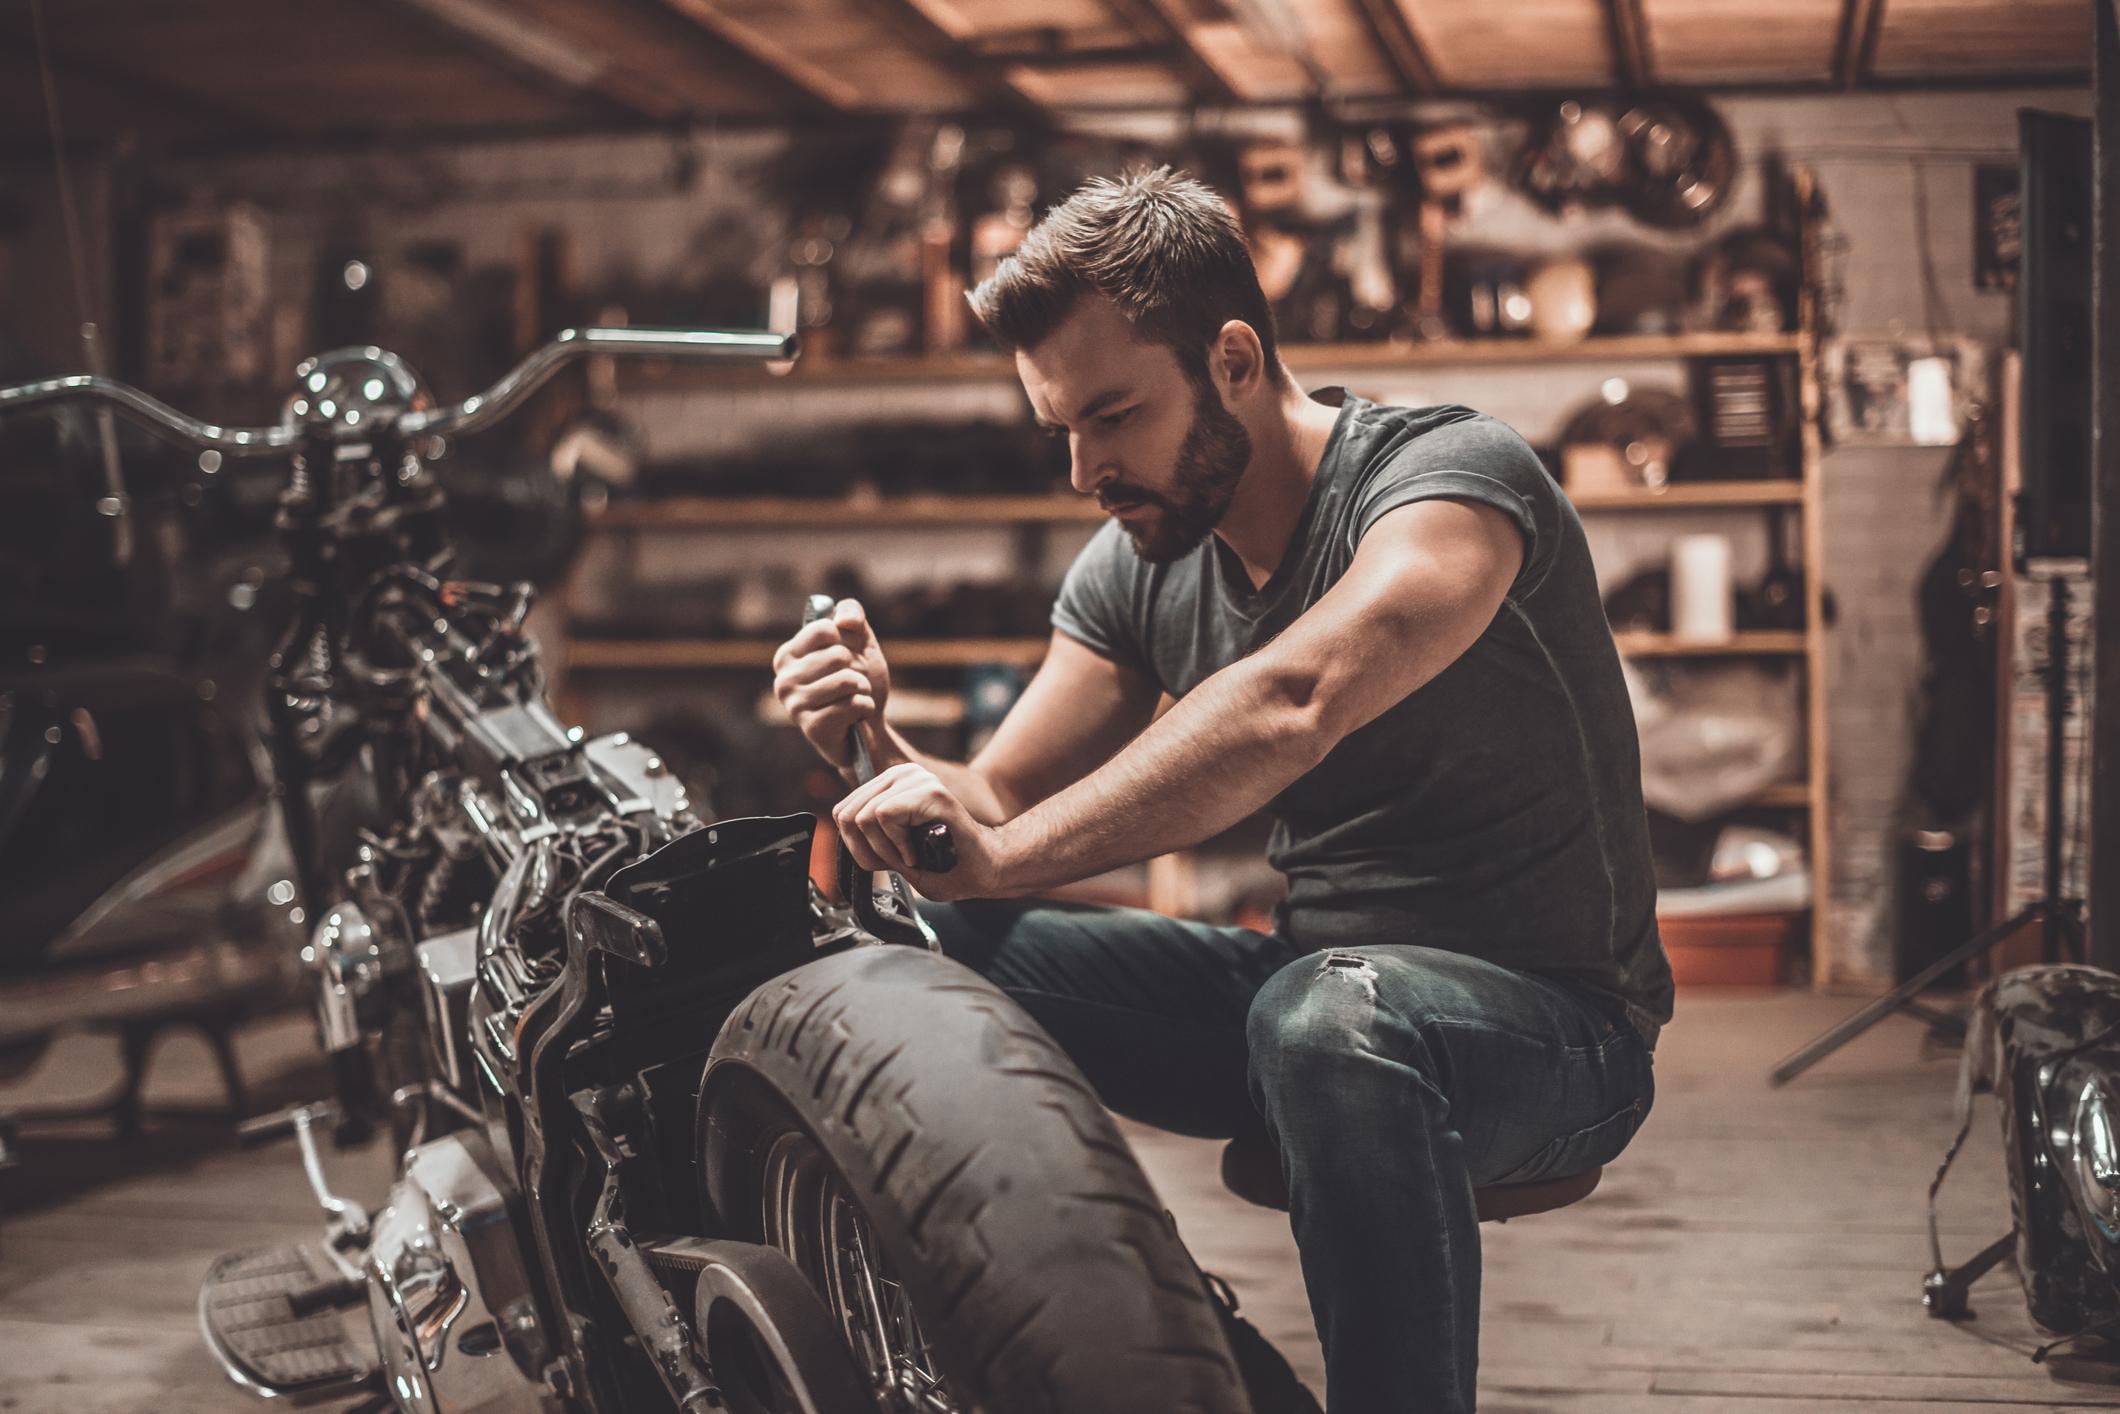 A man works on a motorcylce